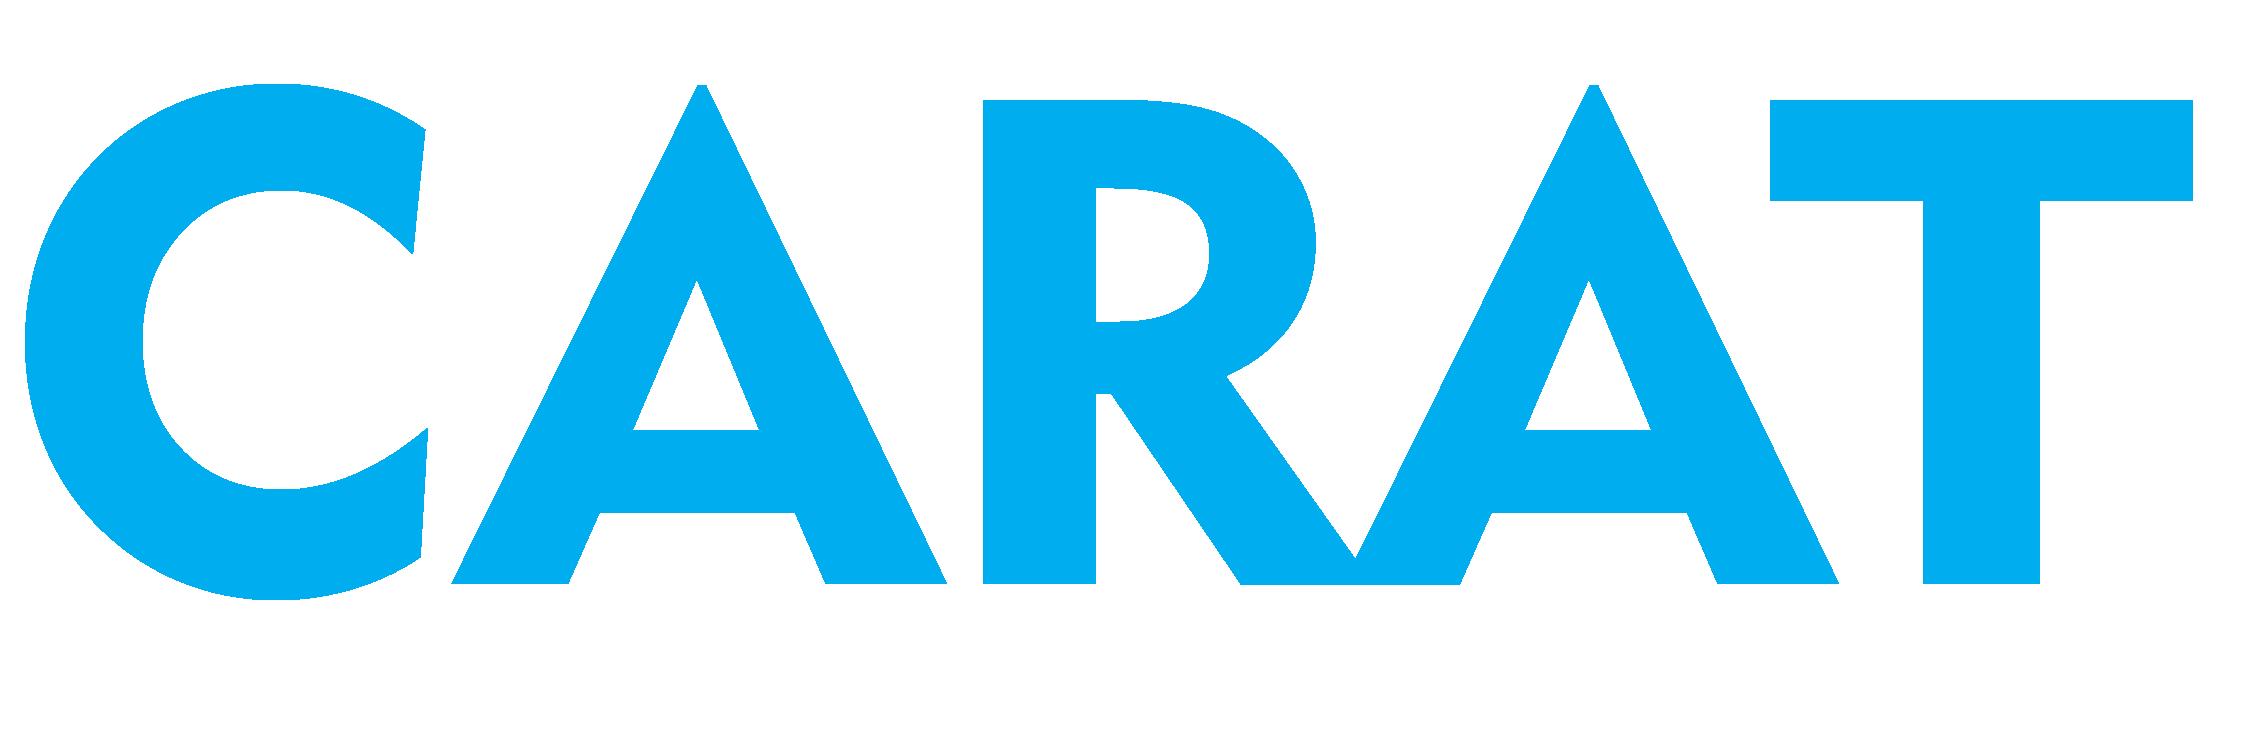 Carat USA, Inc.